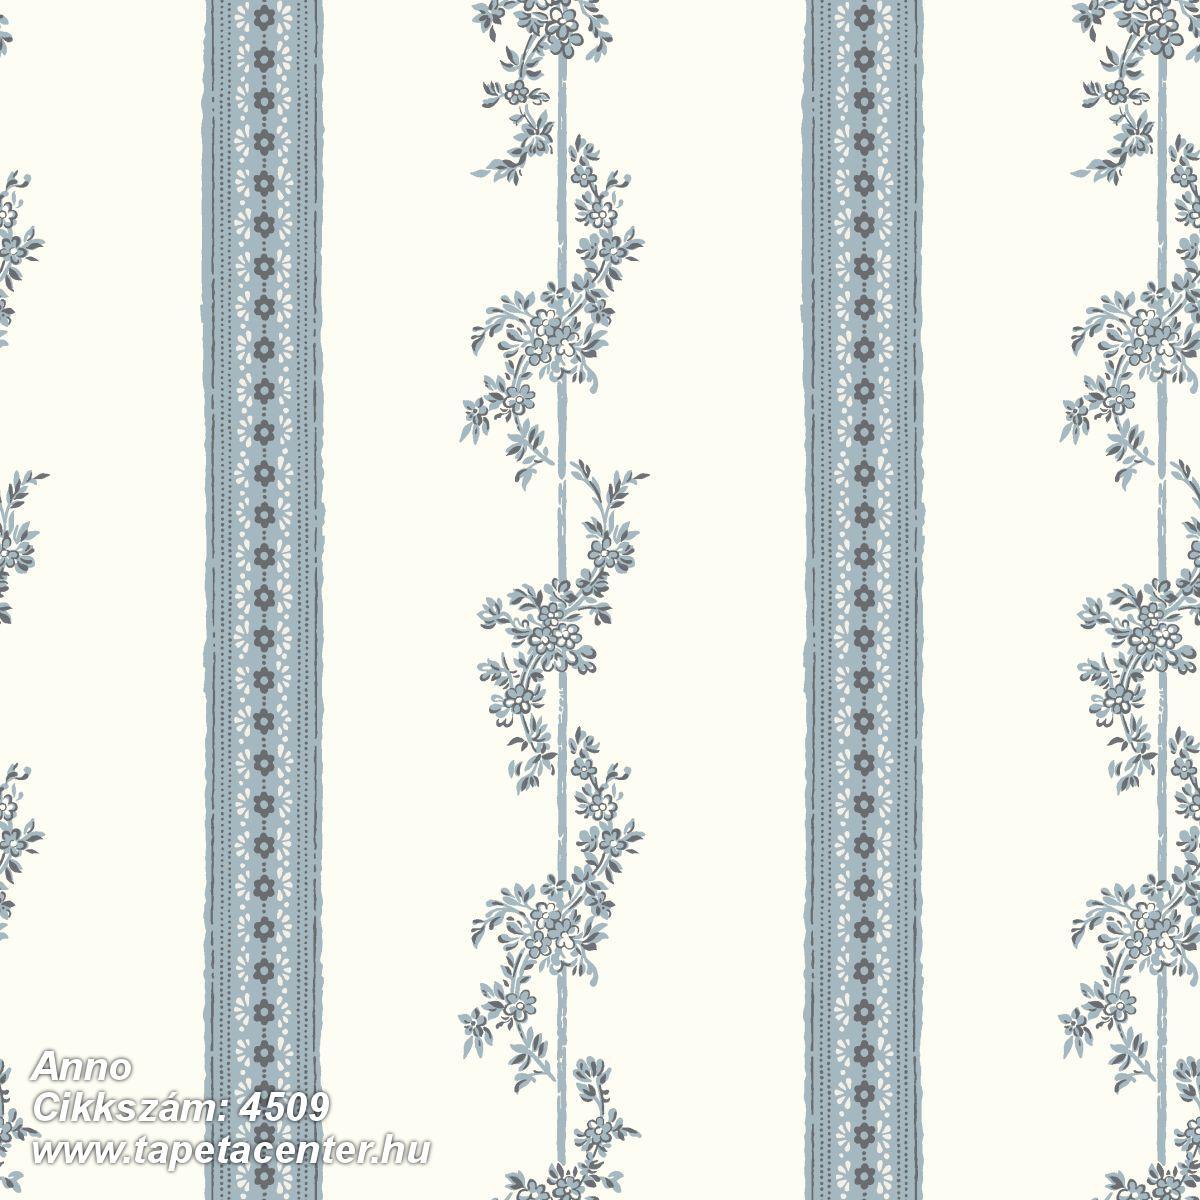 Barokk-klasszikus,csíkos,különleges motívumos,rajzolt,retro,virágmintás,fehér,kék,lemosható,vlies tapéta